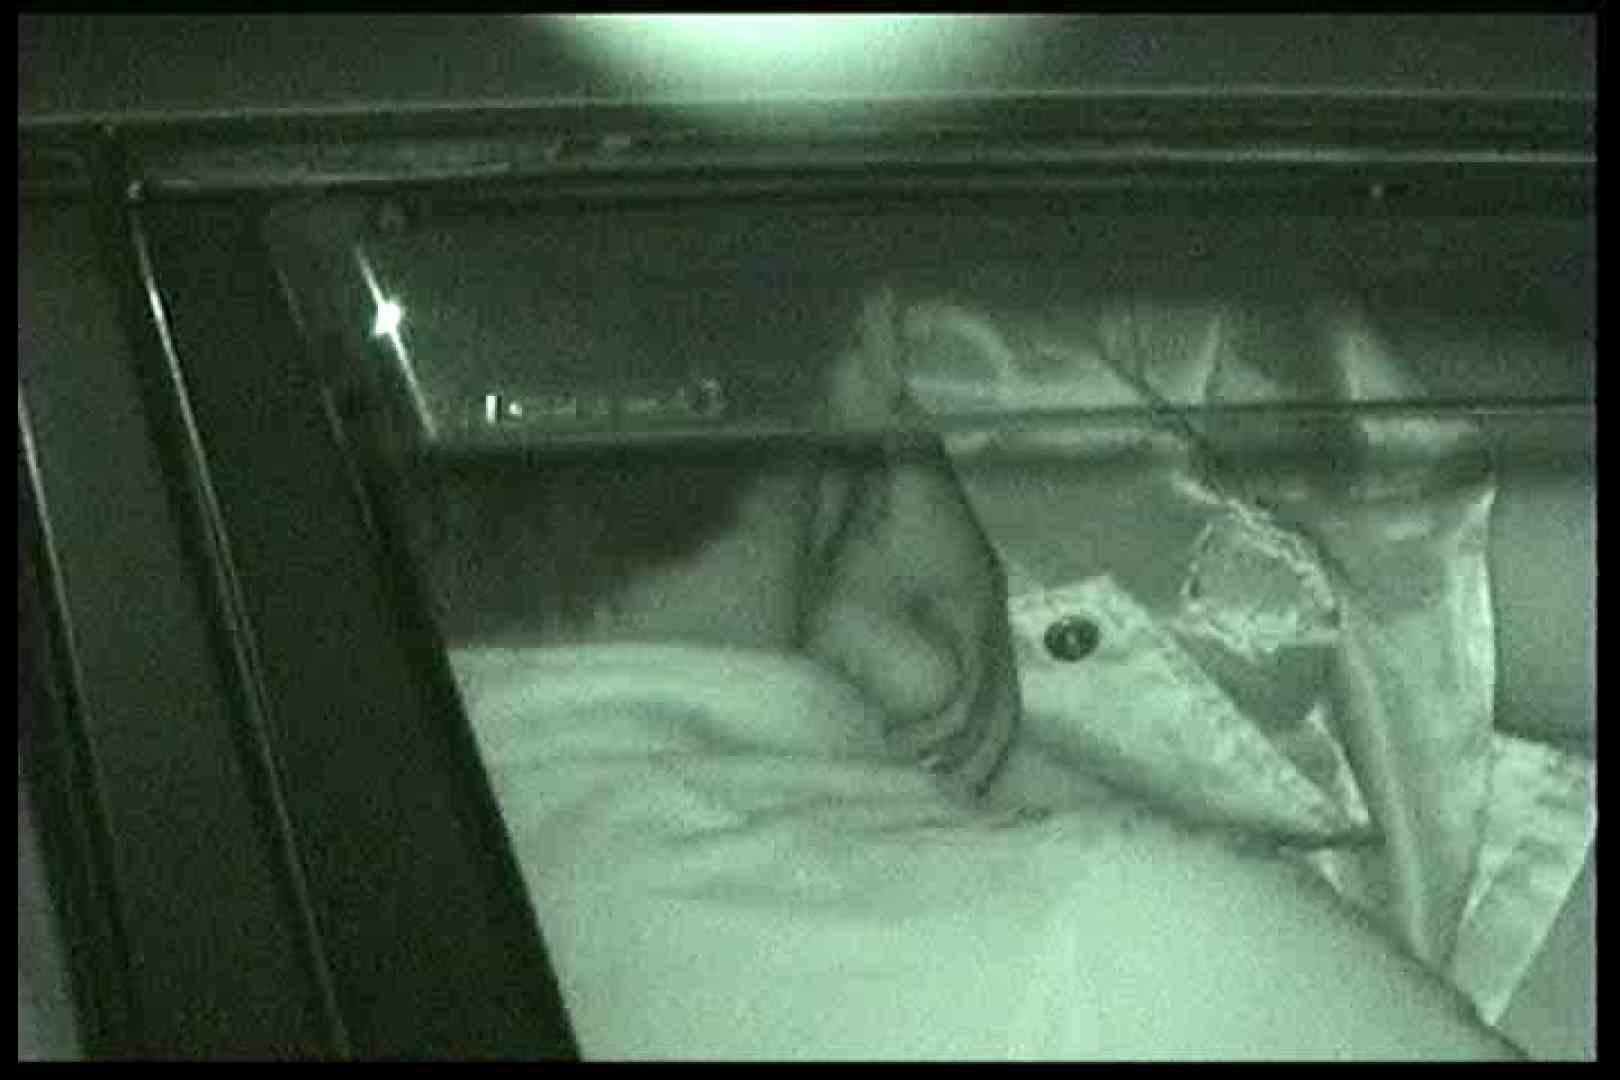 車の中はラブホテル 無修正版  Vol.13 ラブホテル おまんこ無修正動画無料 64画像 55